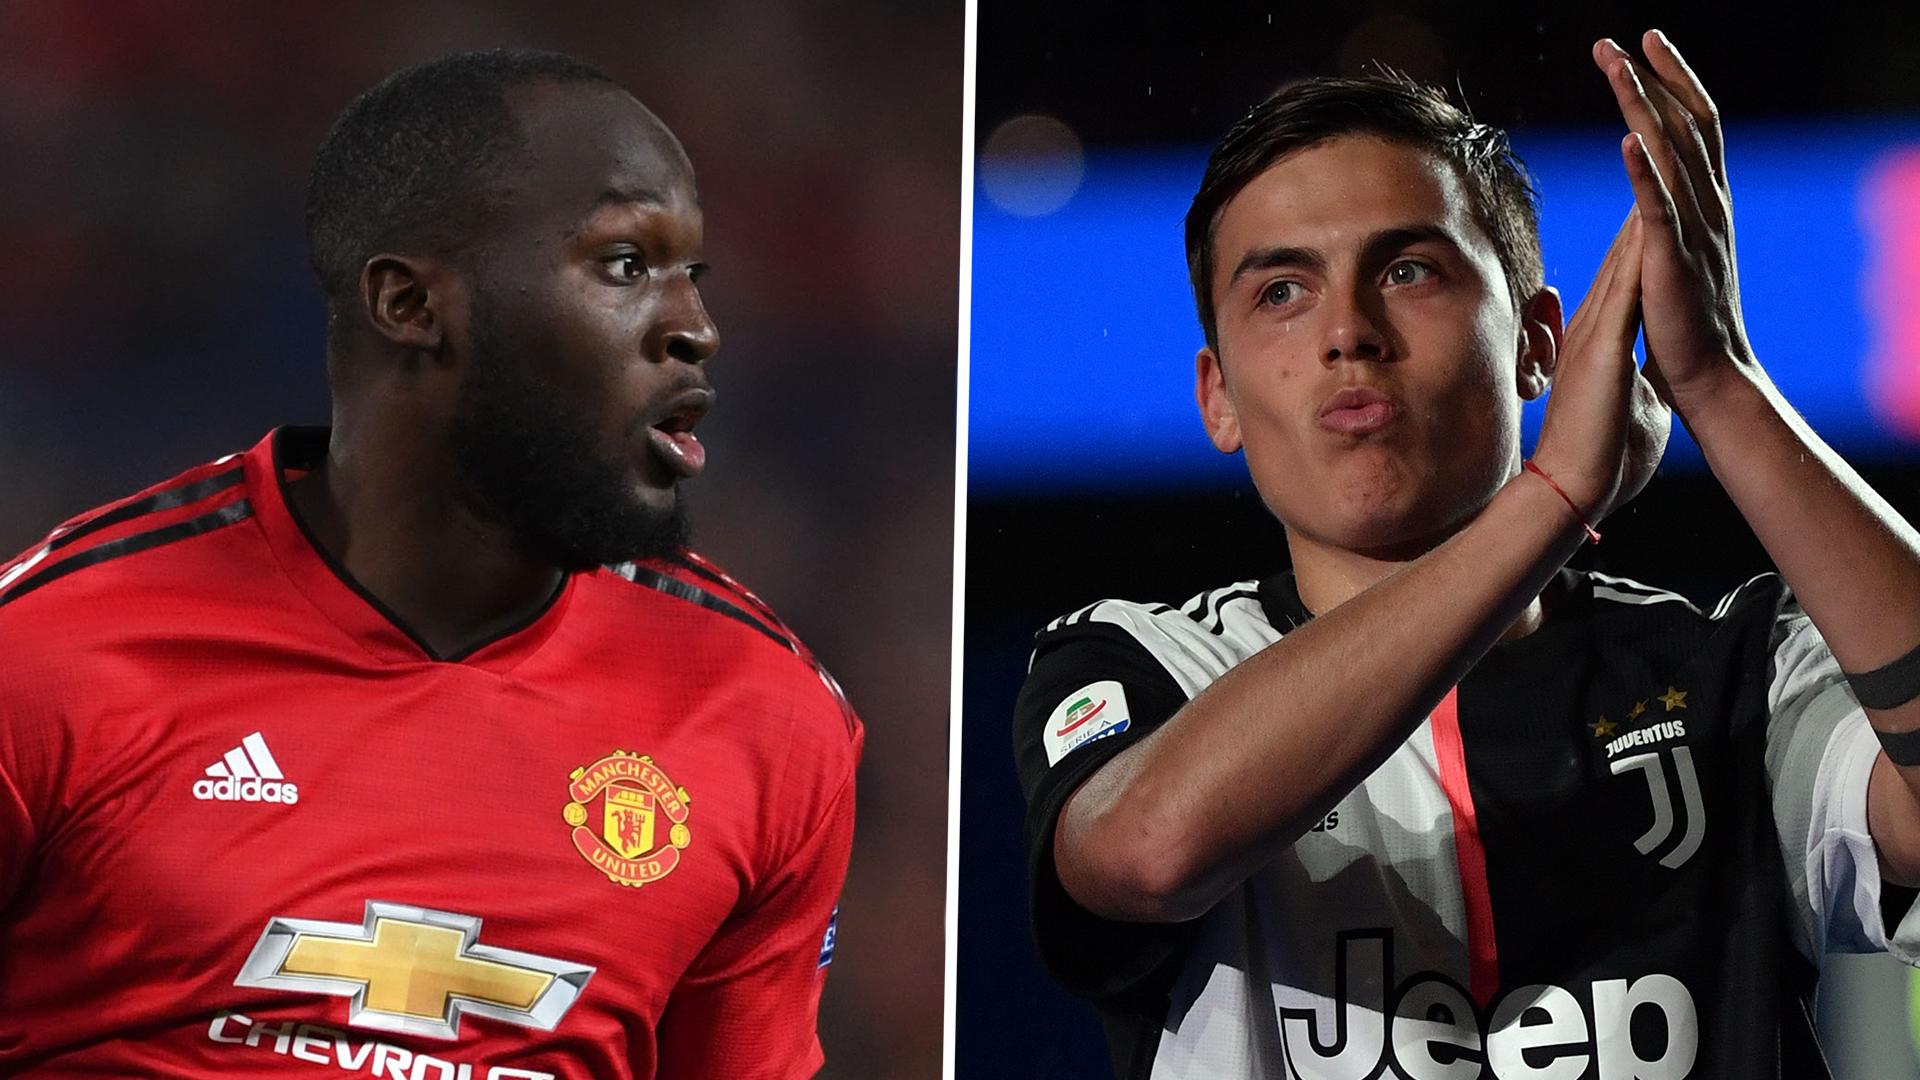 Manchester United : La piste Mandzukic refroidie après l'échec de l'échange Dybala-Lukaku